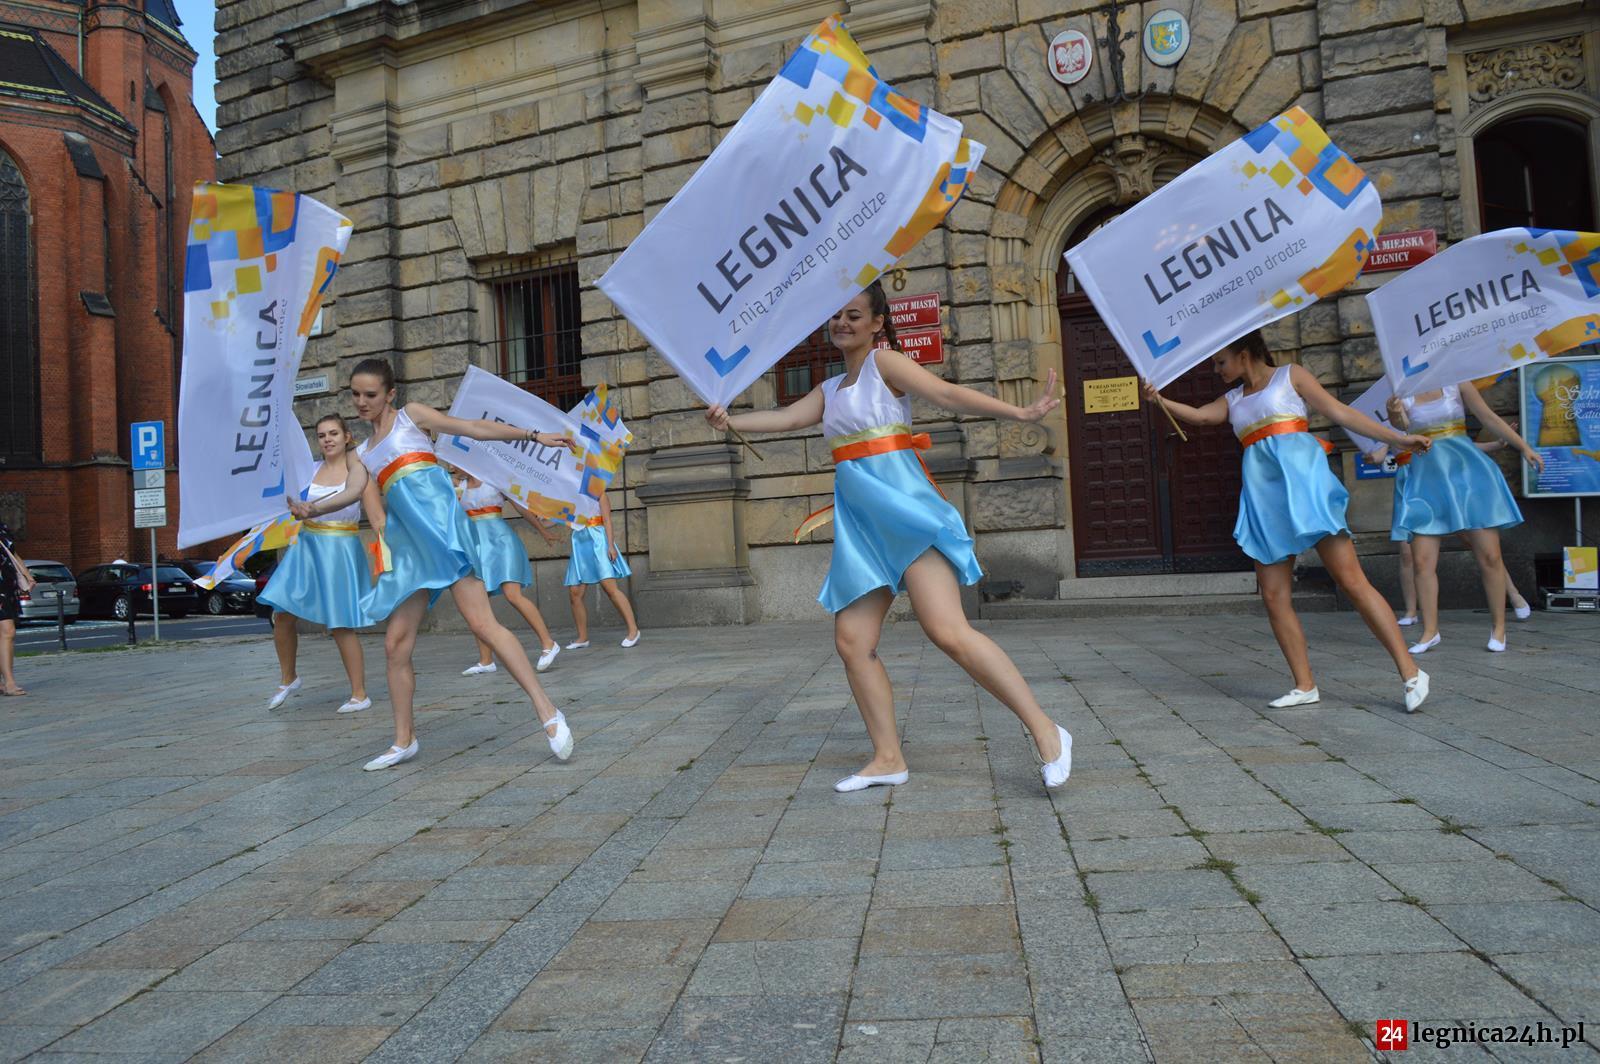 (FOTO) Imieniny ulicy Najświętszej Marii Panny w Legnicy